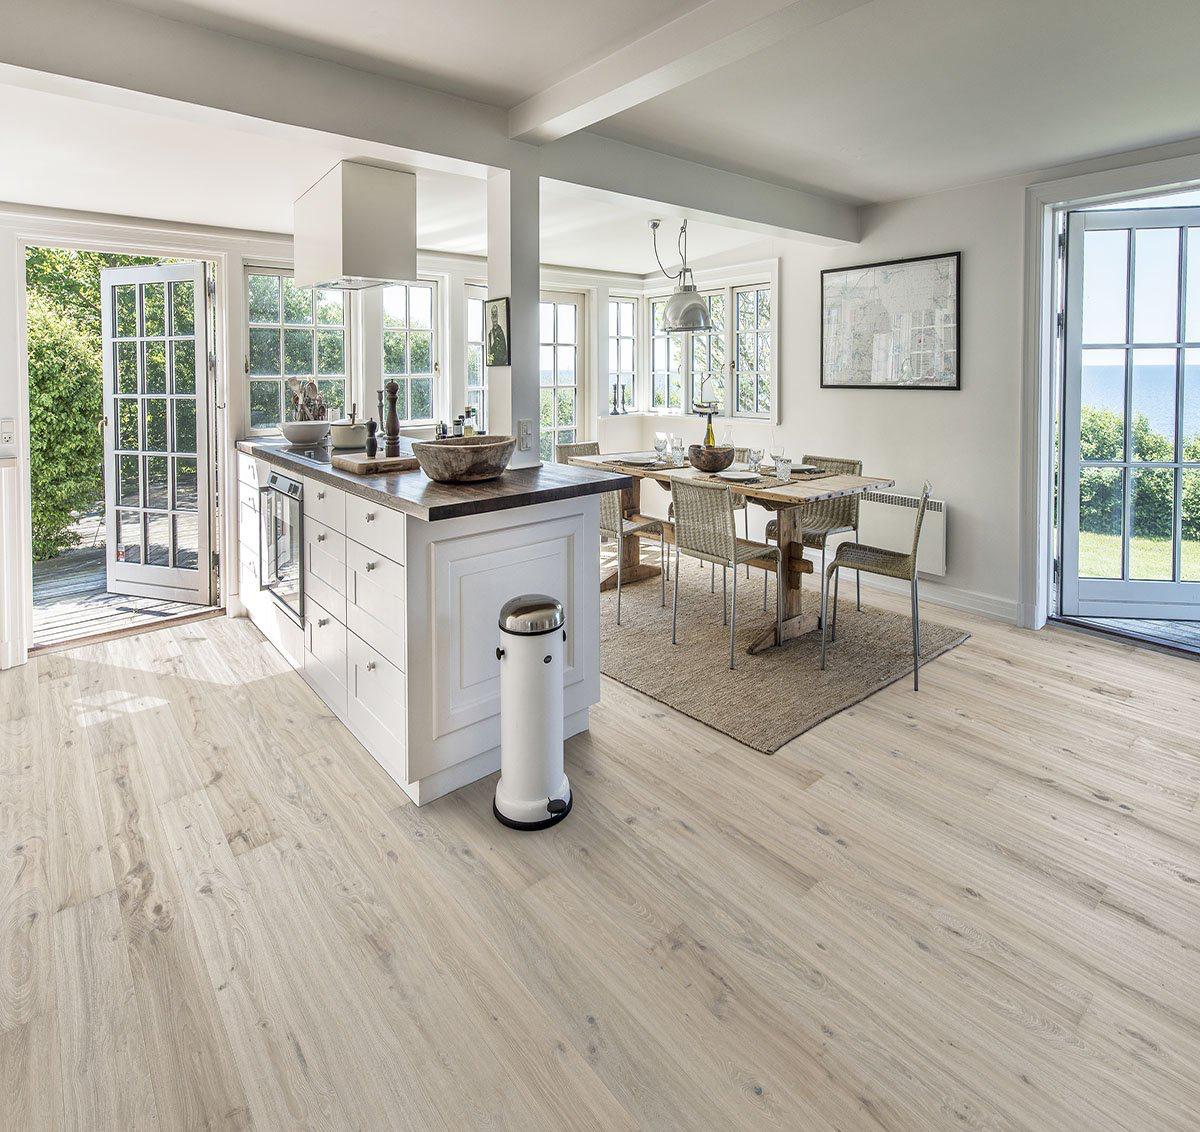 Pepper Wood floors wide plank, Engineered hardwood